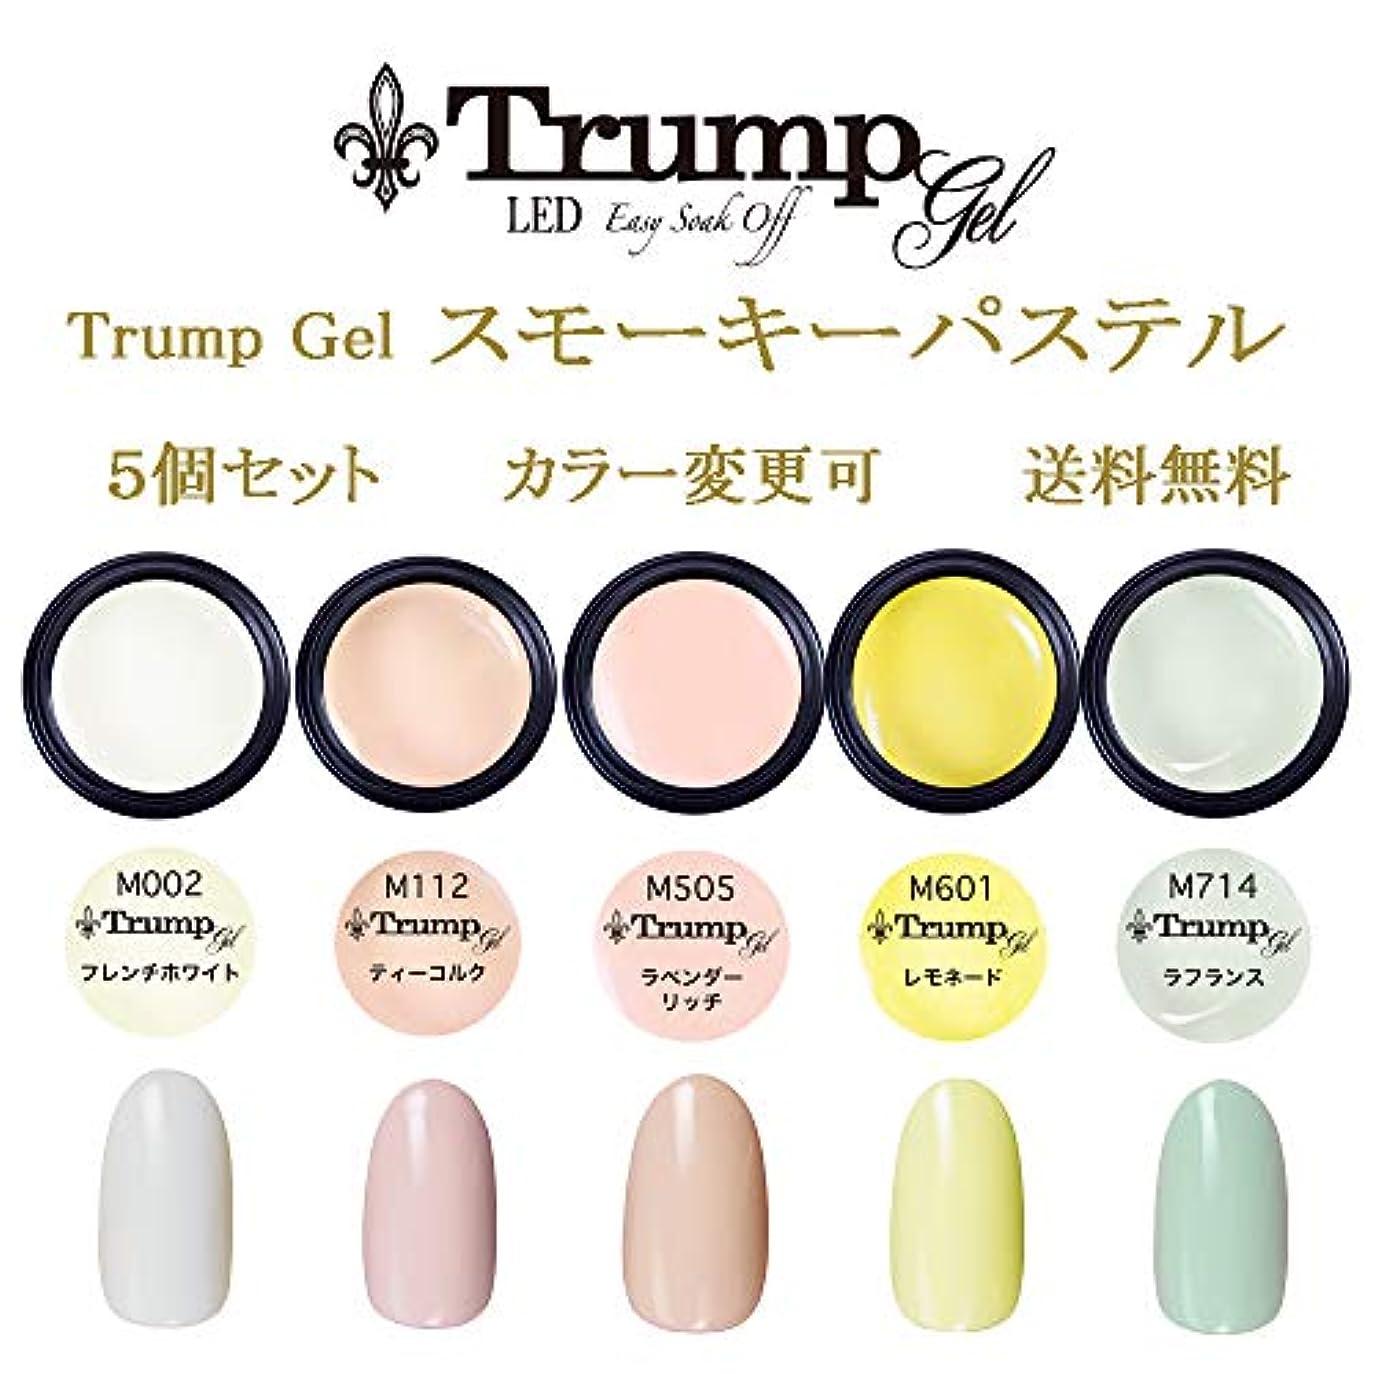 微視的ブリッジ銛日本製 Trump gel トランプジェル スモーキー パステルカラー 選べる カラージェル5個セット ホワイト ベージュ ピンク イエロー グリーン